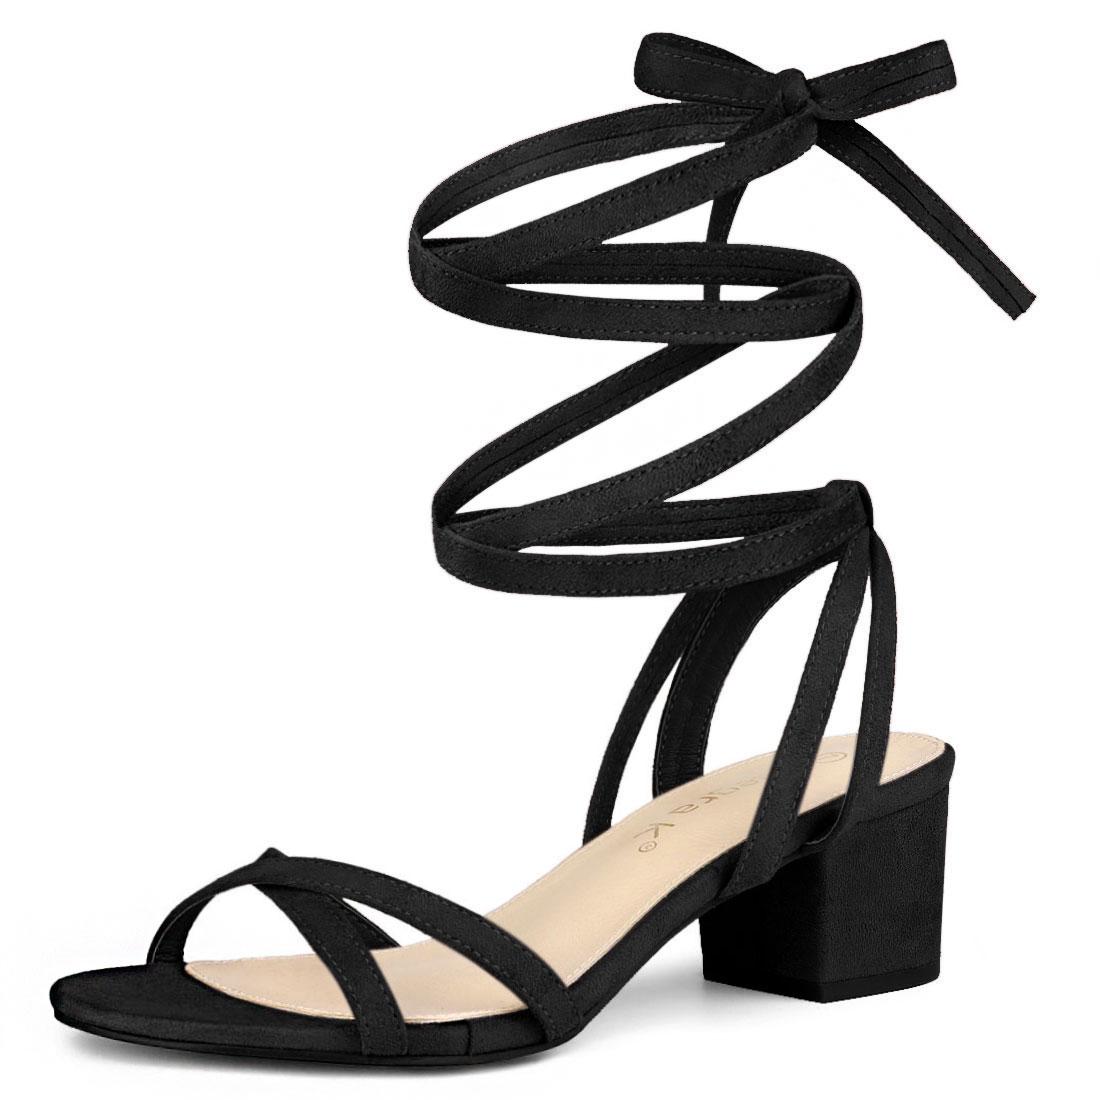 Allegra K Women's Open Toe Block Heels Lace Up Sandals Black US 6